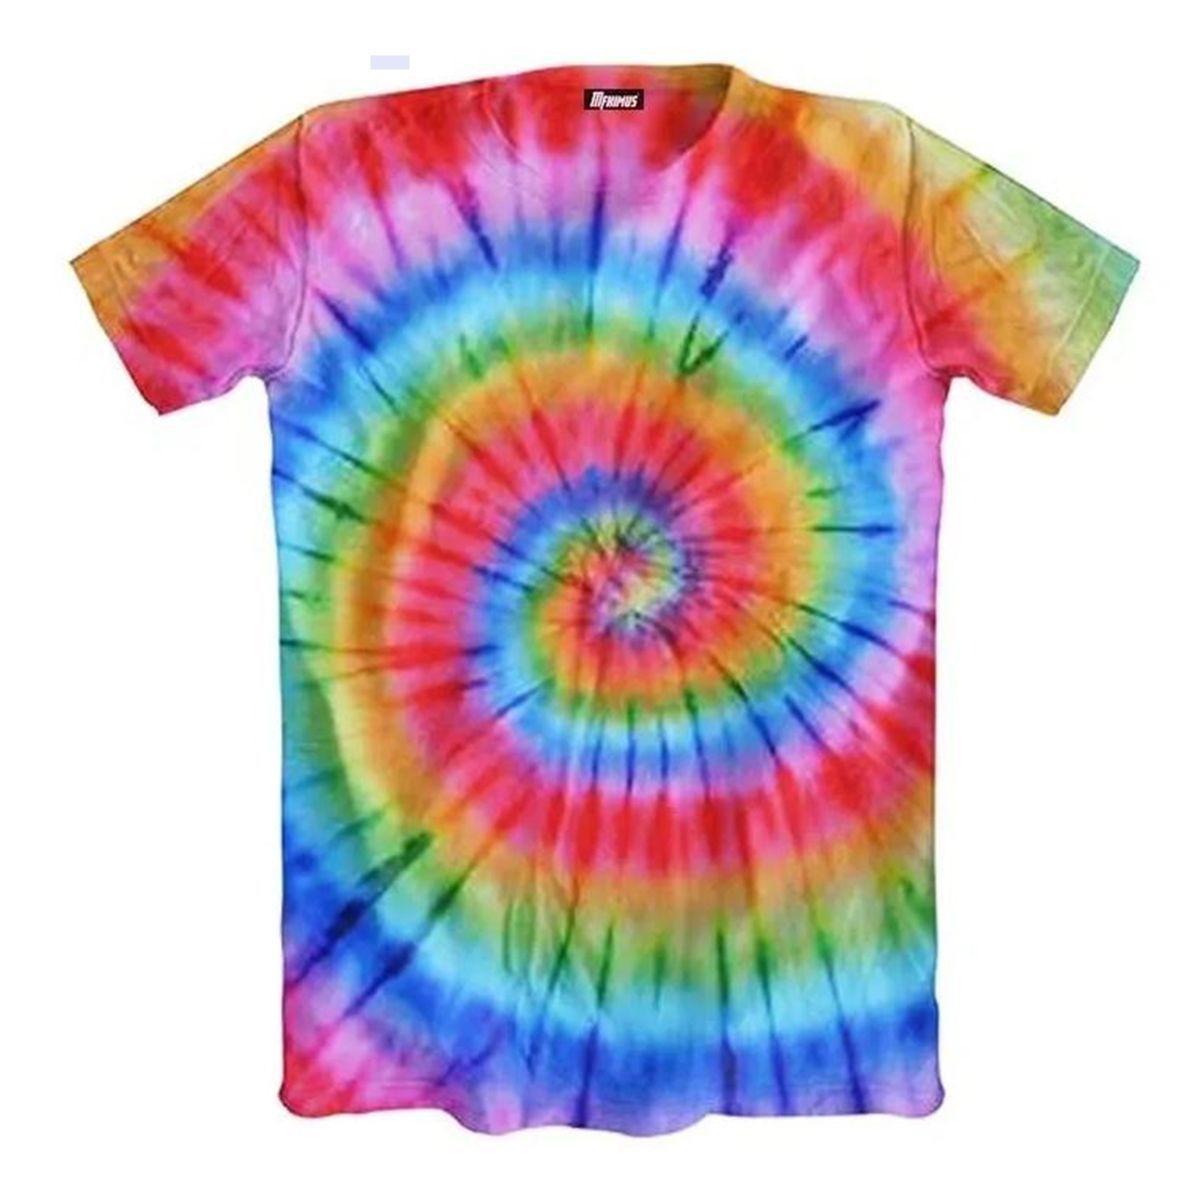 Kit Para Fazer Camiseta Infantil Tie Dye #EUQFIZ I9 Brinquedos 4 P